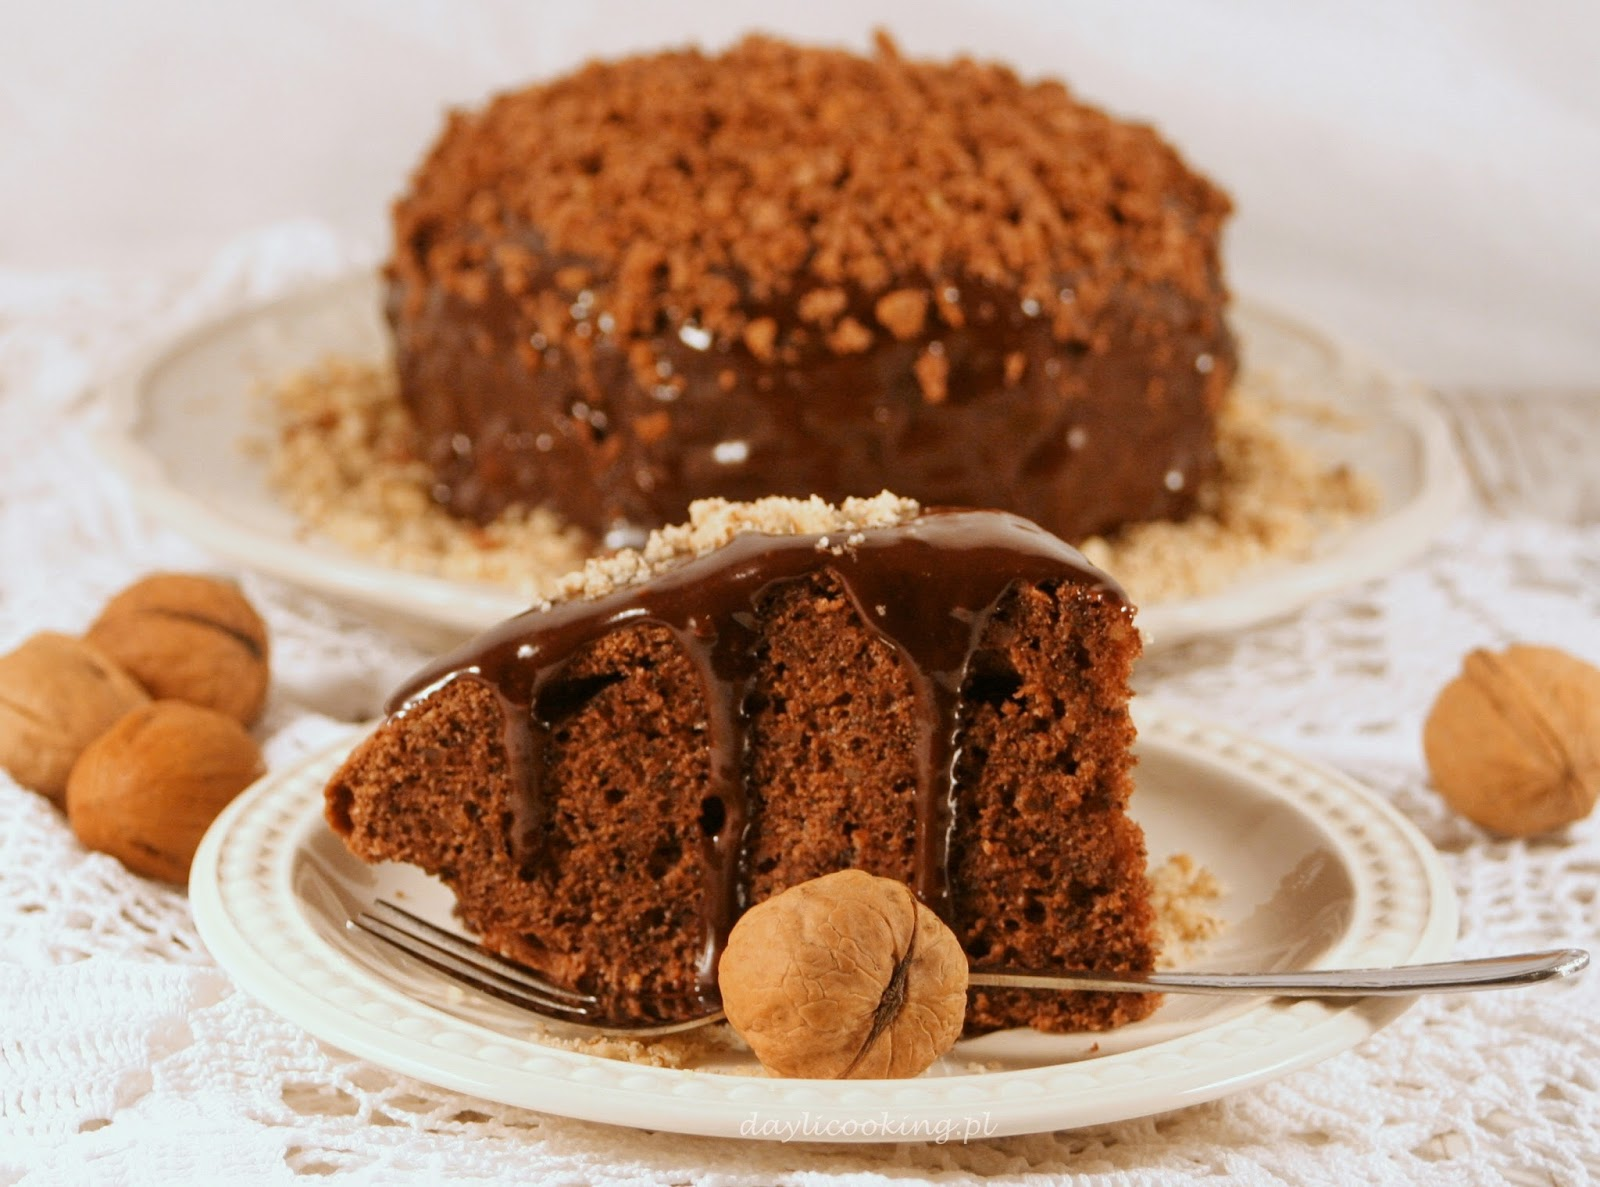 ciasto z włoskich orzechów, ciasto z orzechami, najlepszy przepis na ciasto orzechowe, sprawdzony przepis na ciasto z orzechami